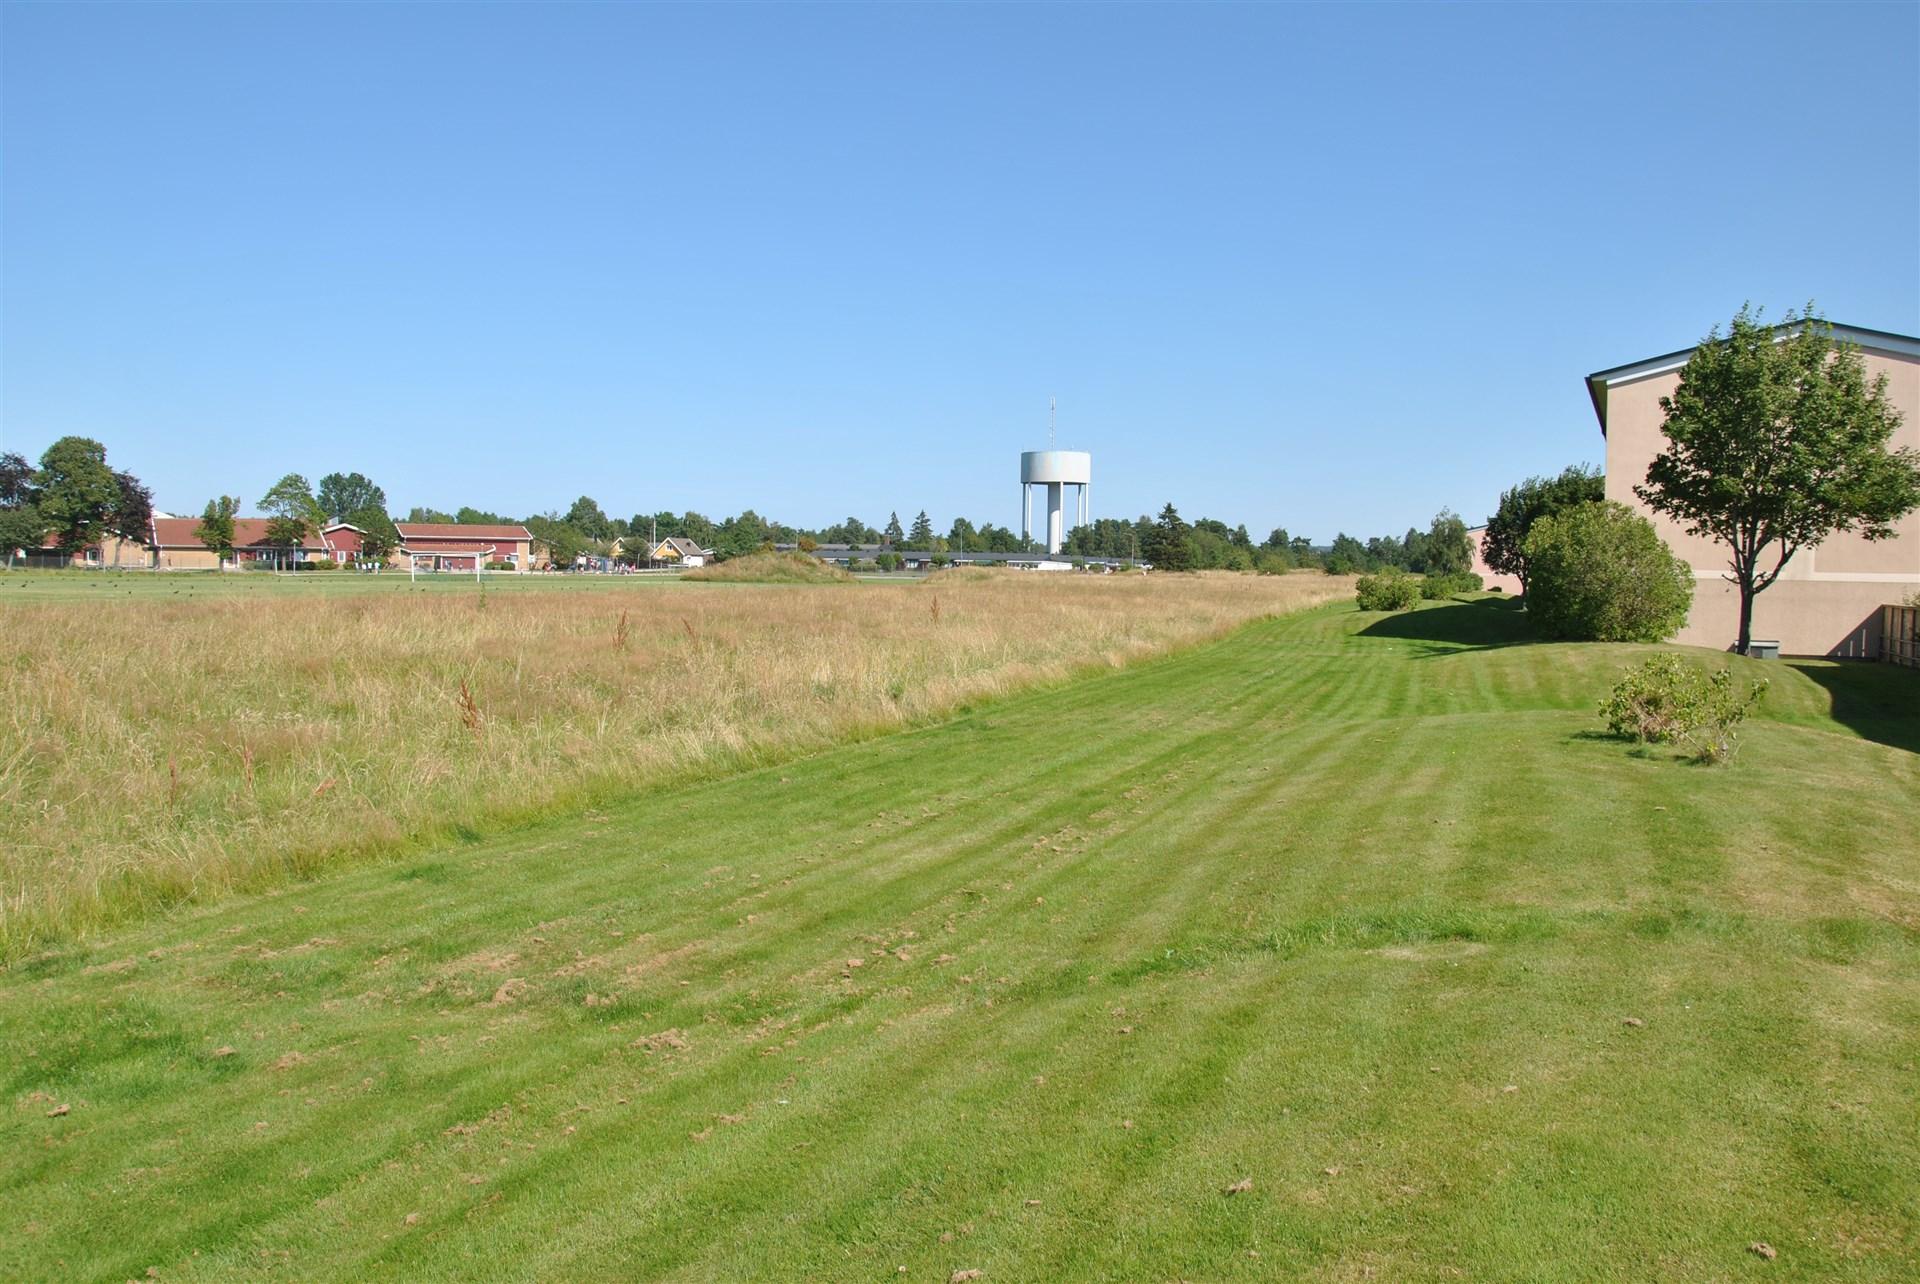 Områdesbild (sommarbild) - Ängsvallen ligger precis intill med bl. a. fotbollsplan. Tärnanskolan i bakgrunden.